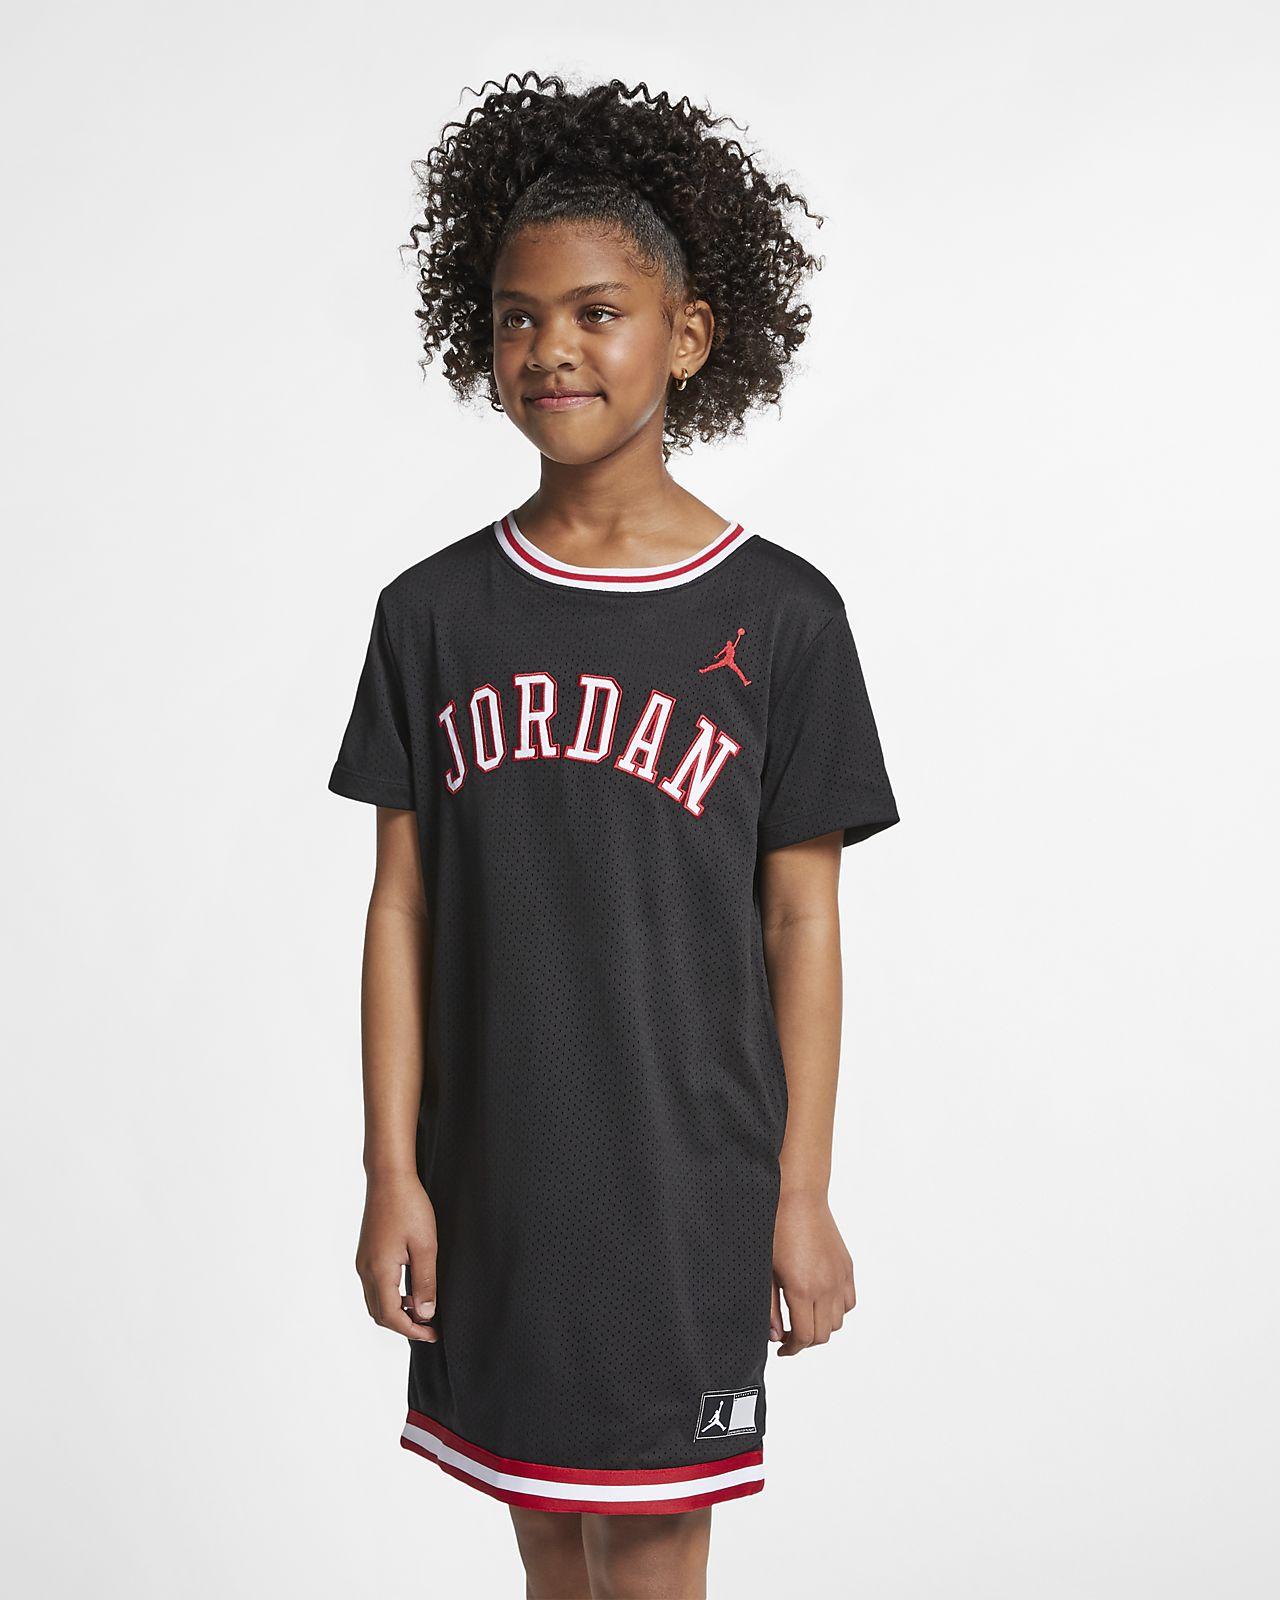 Jordan-kjole til store børn (piger)